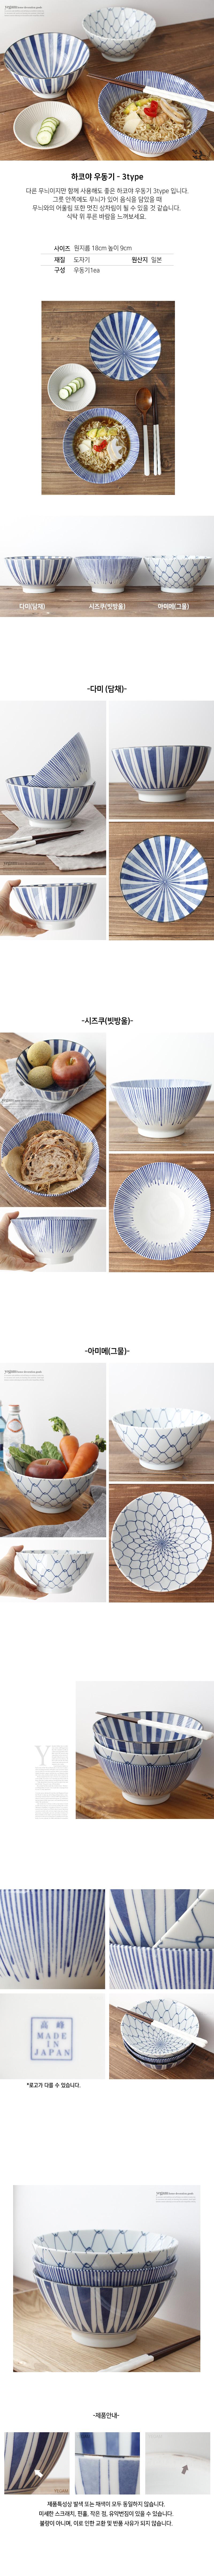 하코야 우동기 - 3type - 체리하우스, 12,000원, 파스타/면기/스프, 면기